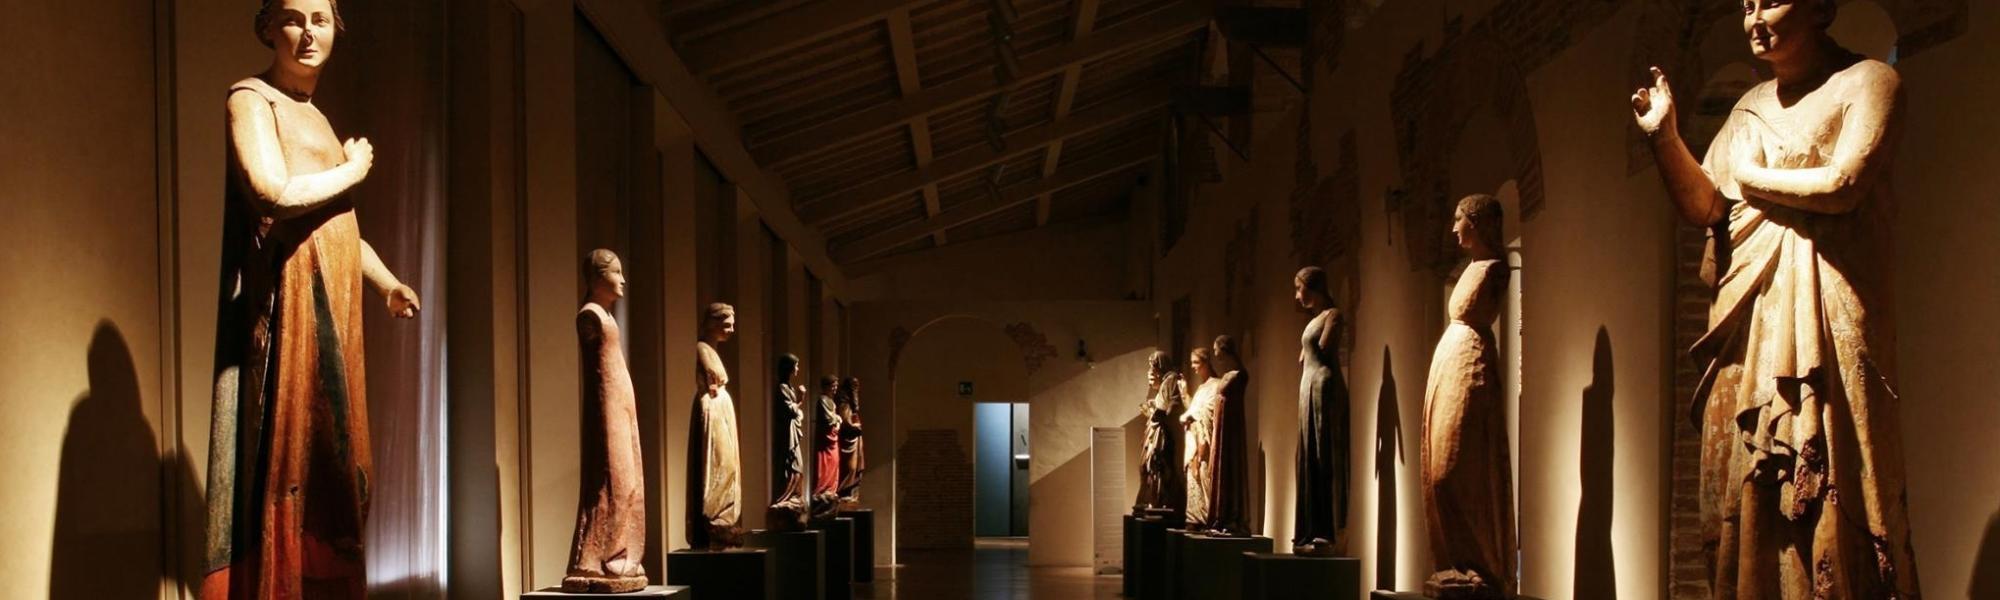 Galleria Sculture lignee (Museo Nazionale di San Matteo)